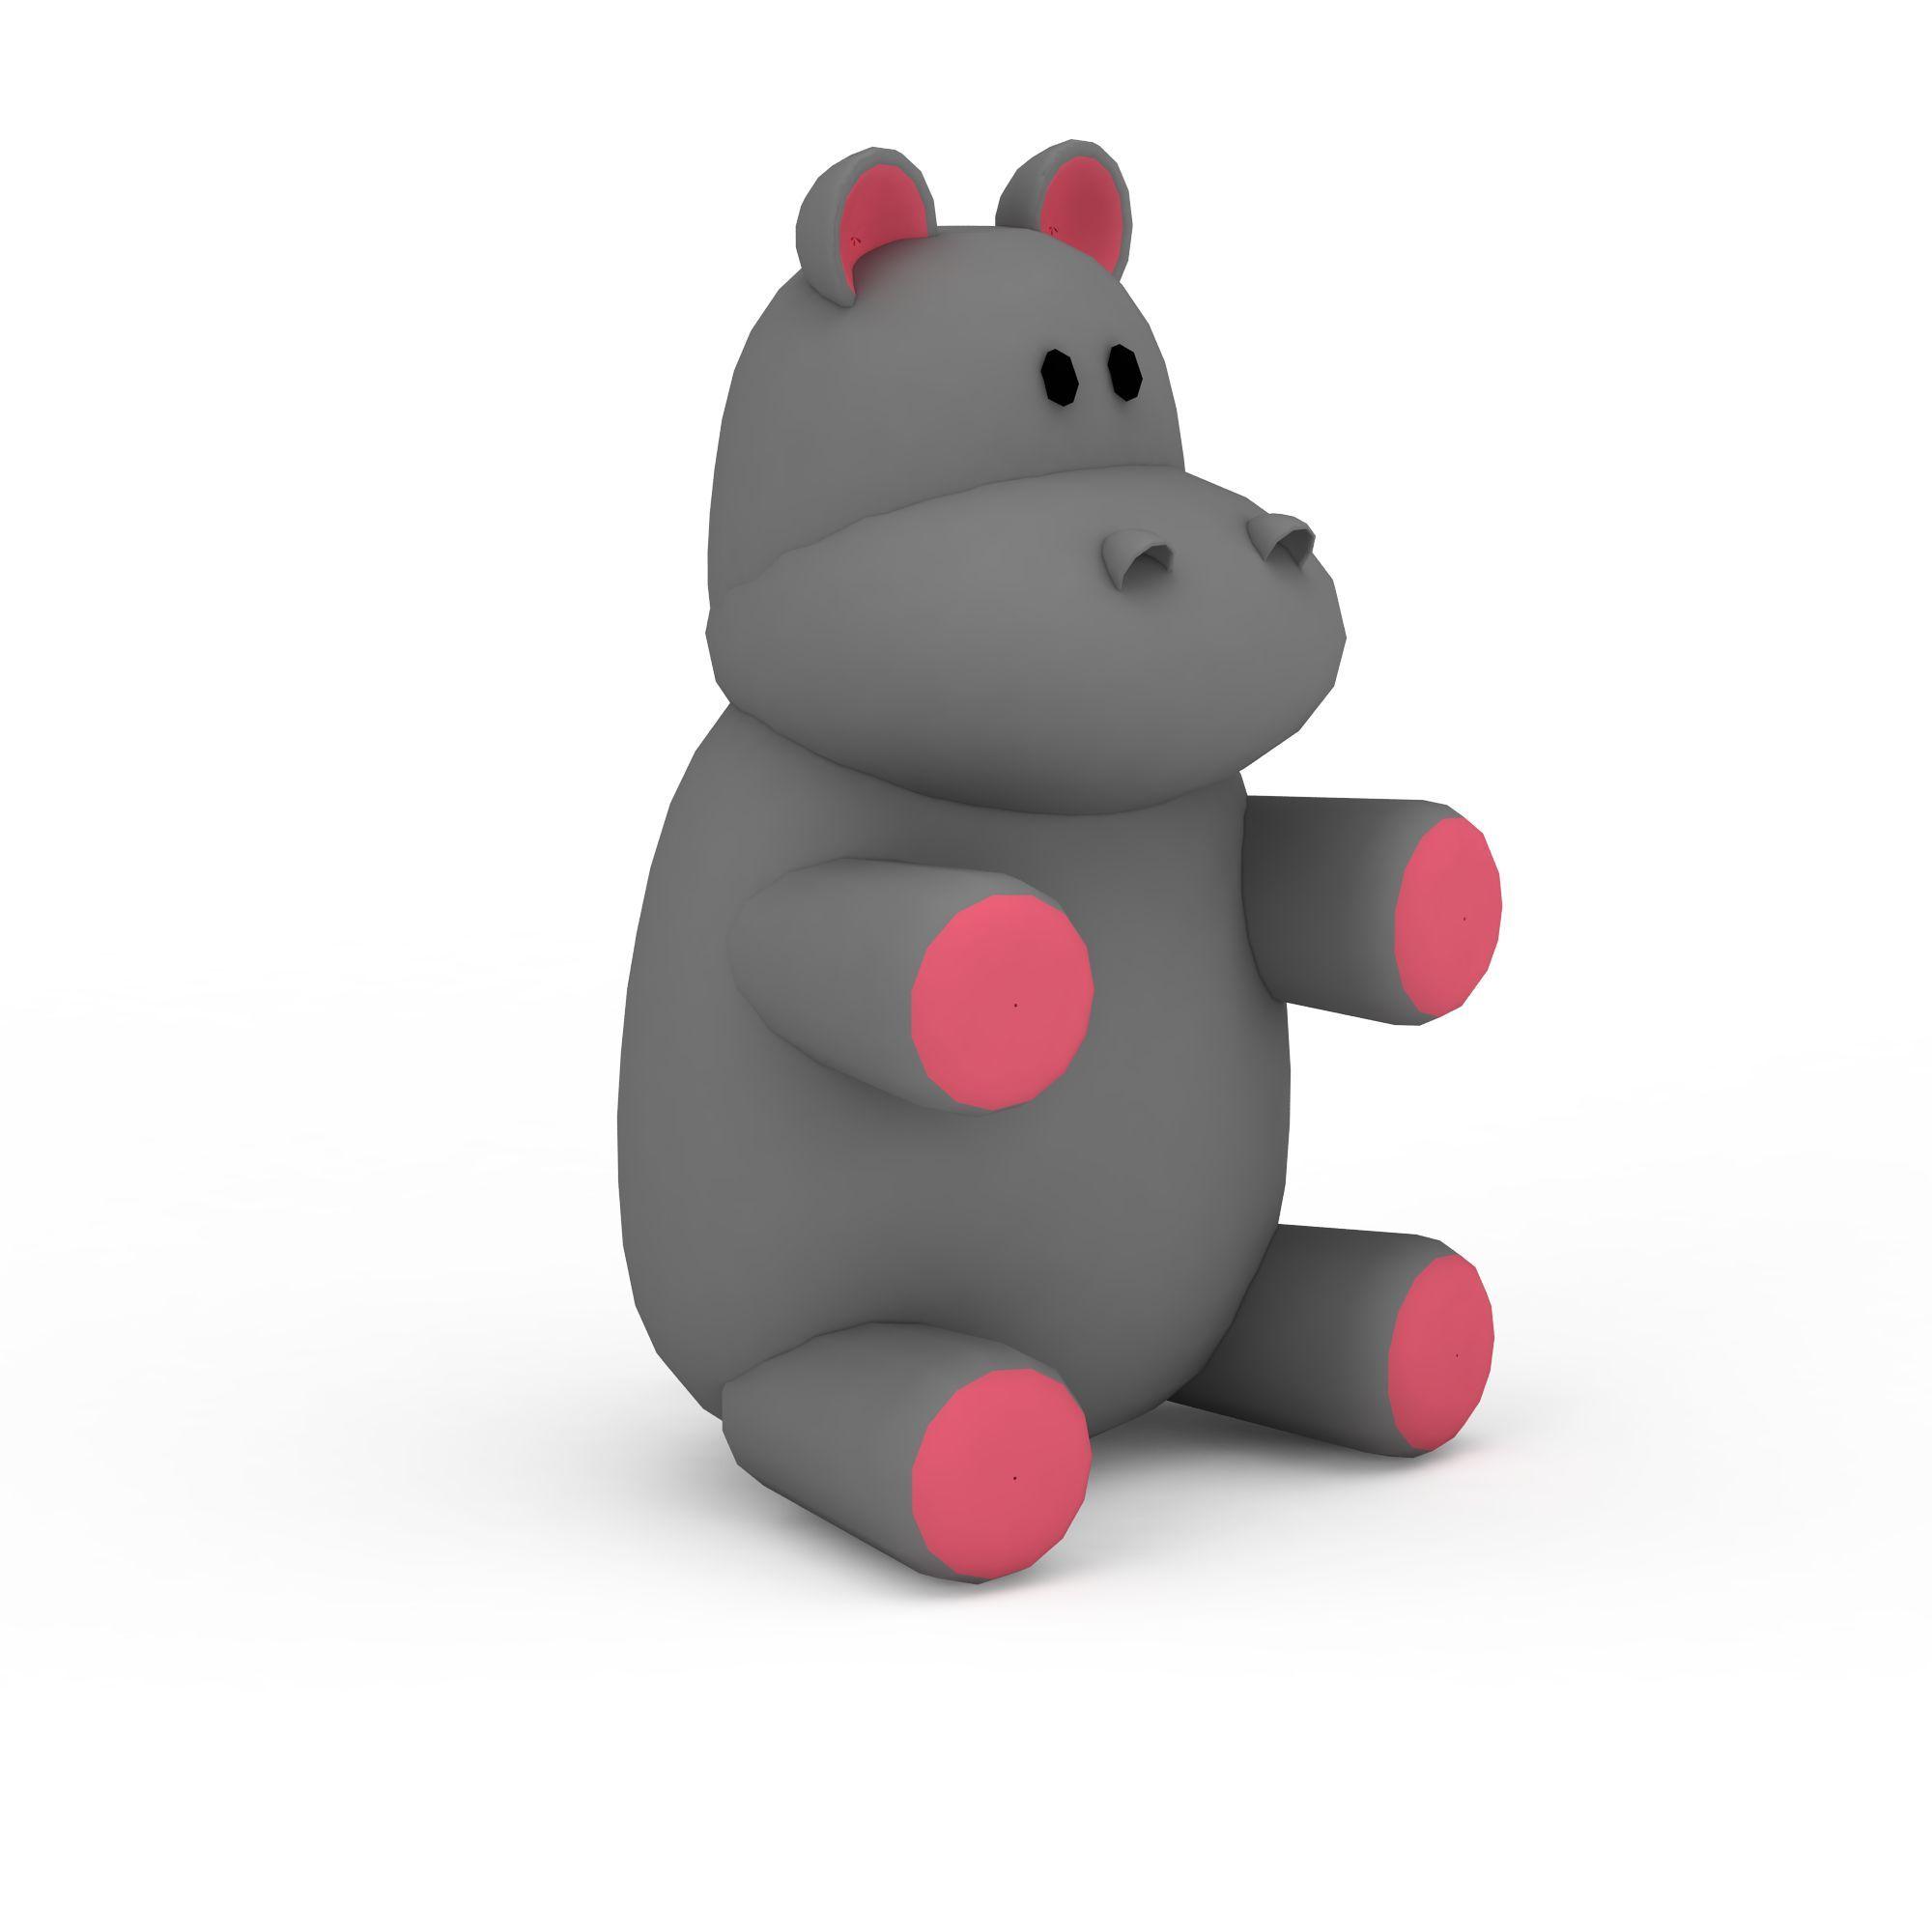 小熊玩偶高清图下载